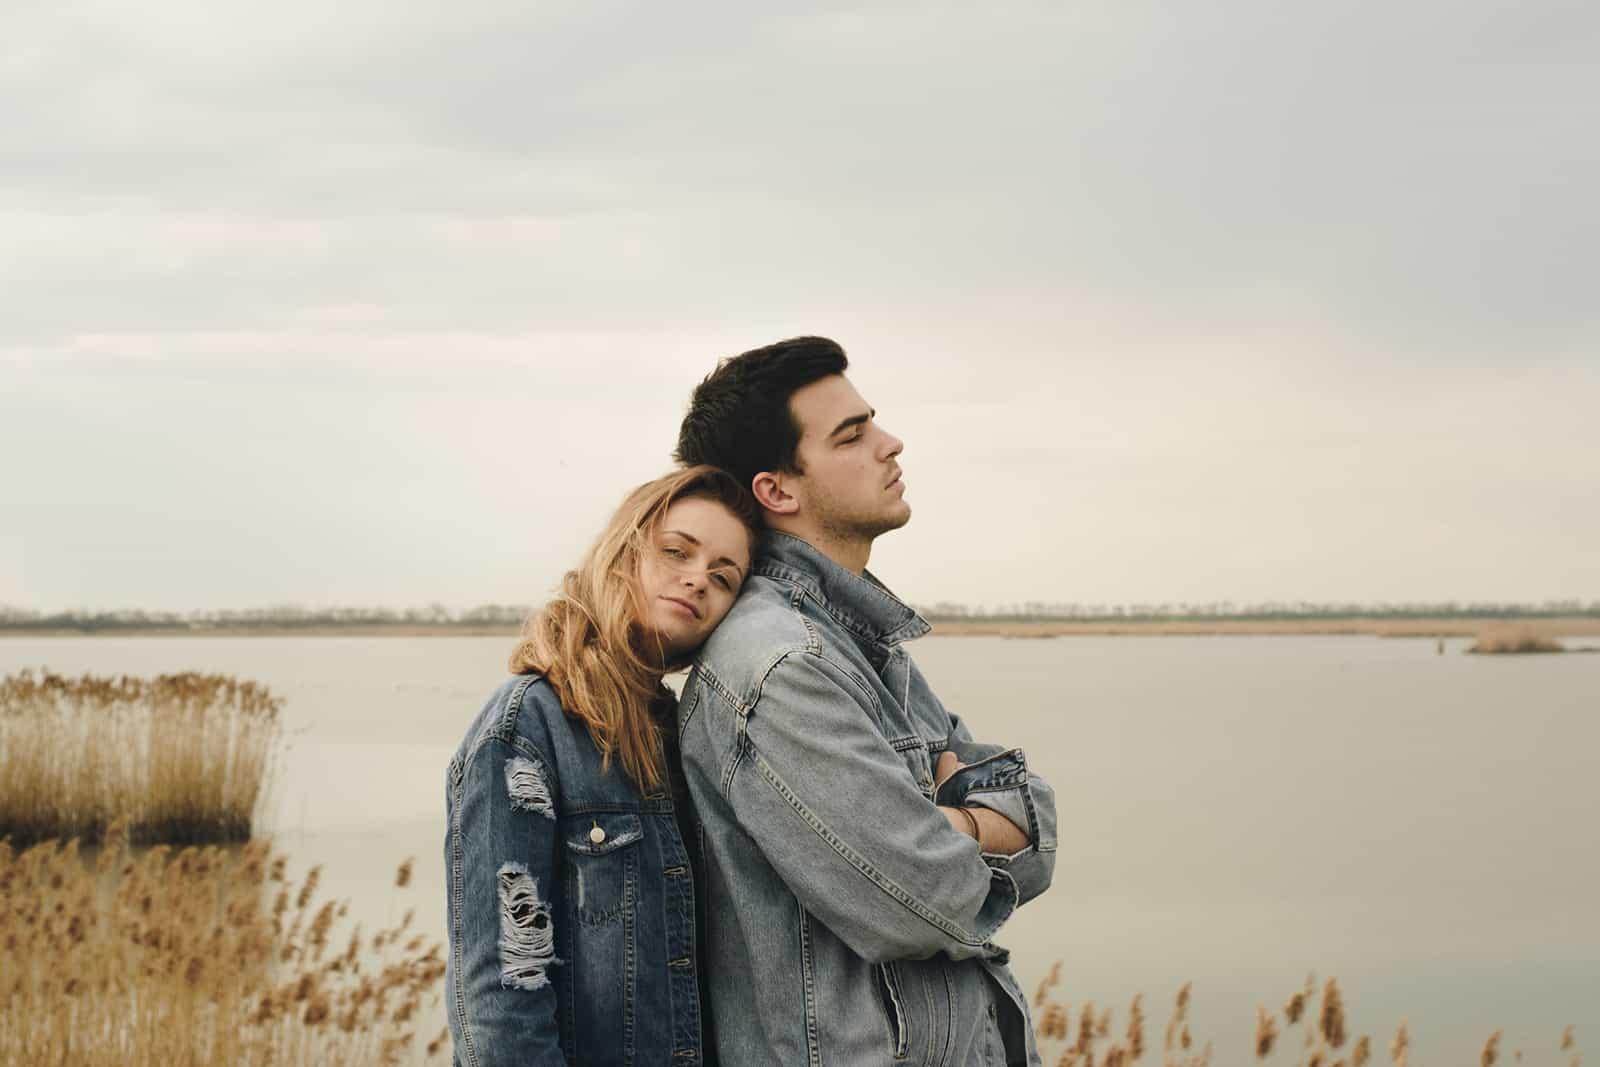 Eine ruhige Frau, die sich auf ihren Freund stützt und ernst aussieht, während sie in der Nähe des Sees steht